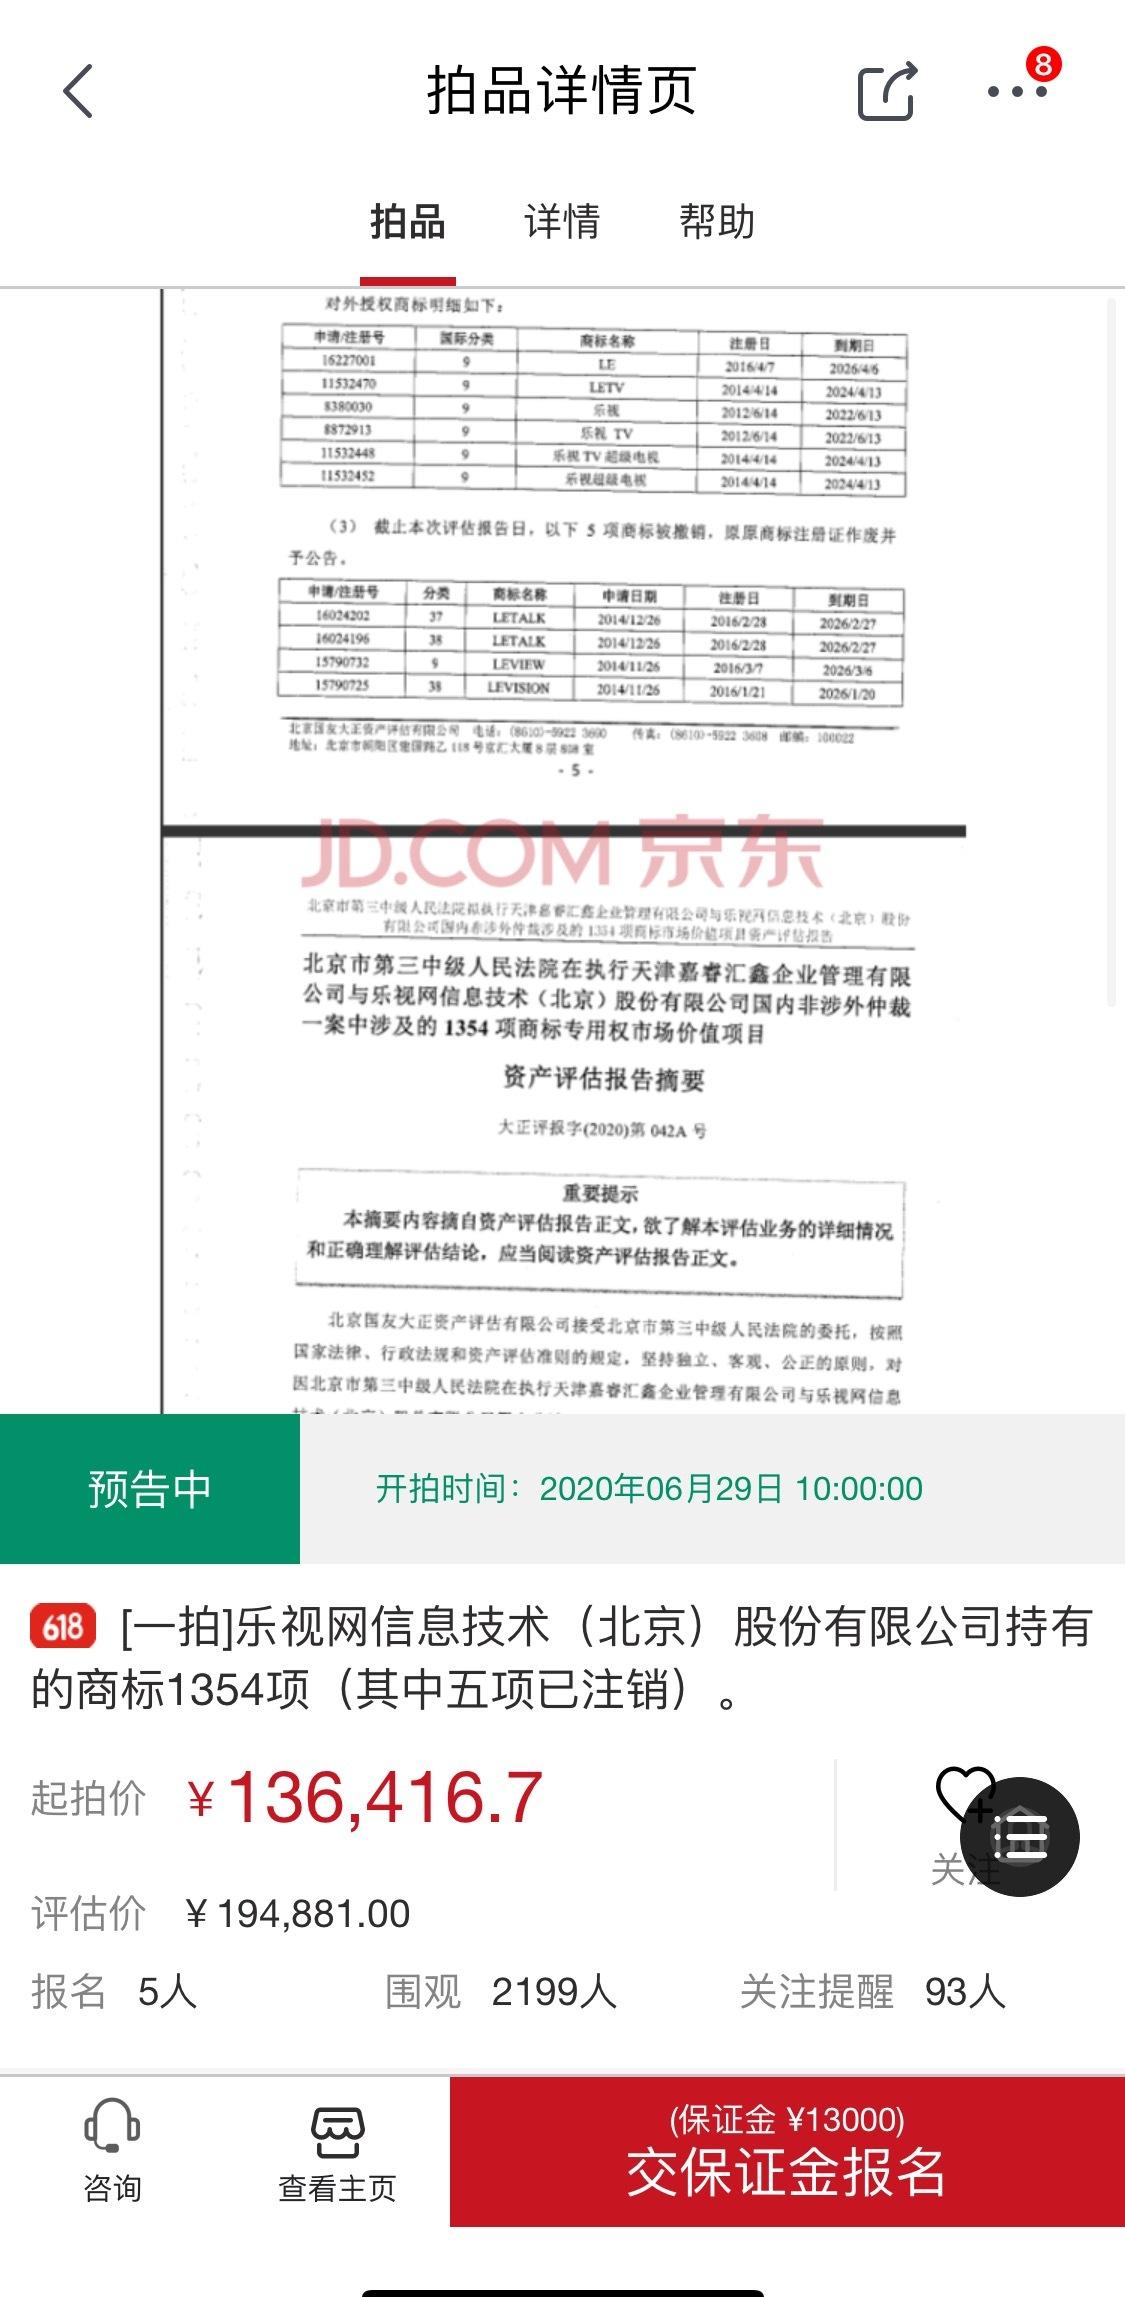 乐视1300多个商标将被拍卖 评估价格为19.4万元 报名人数寥寥